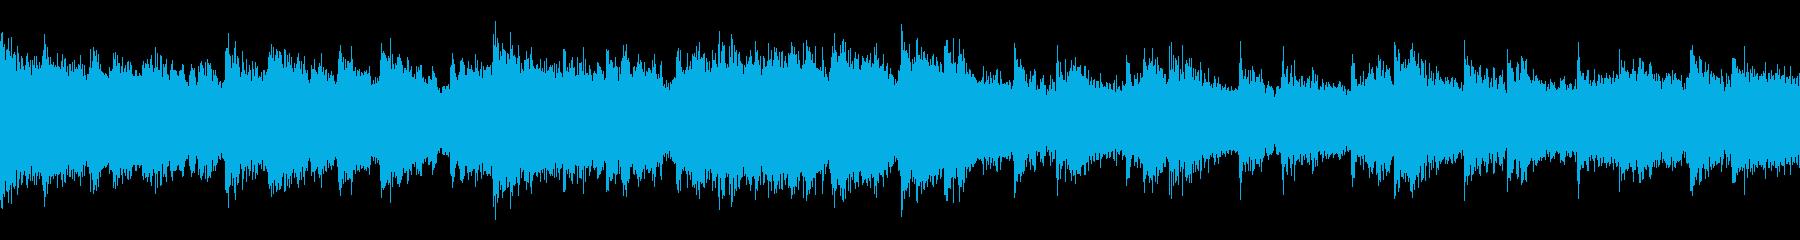 草原の冒険、ピアノ/ループ処理済みの再生済みの波形